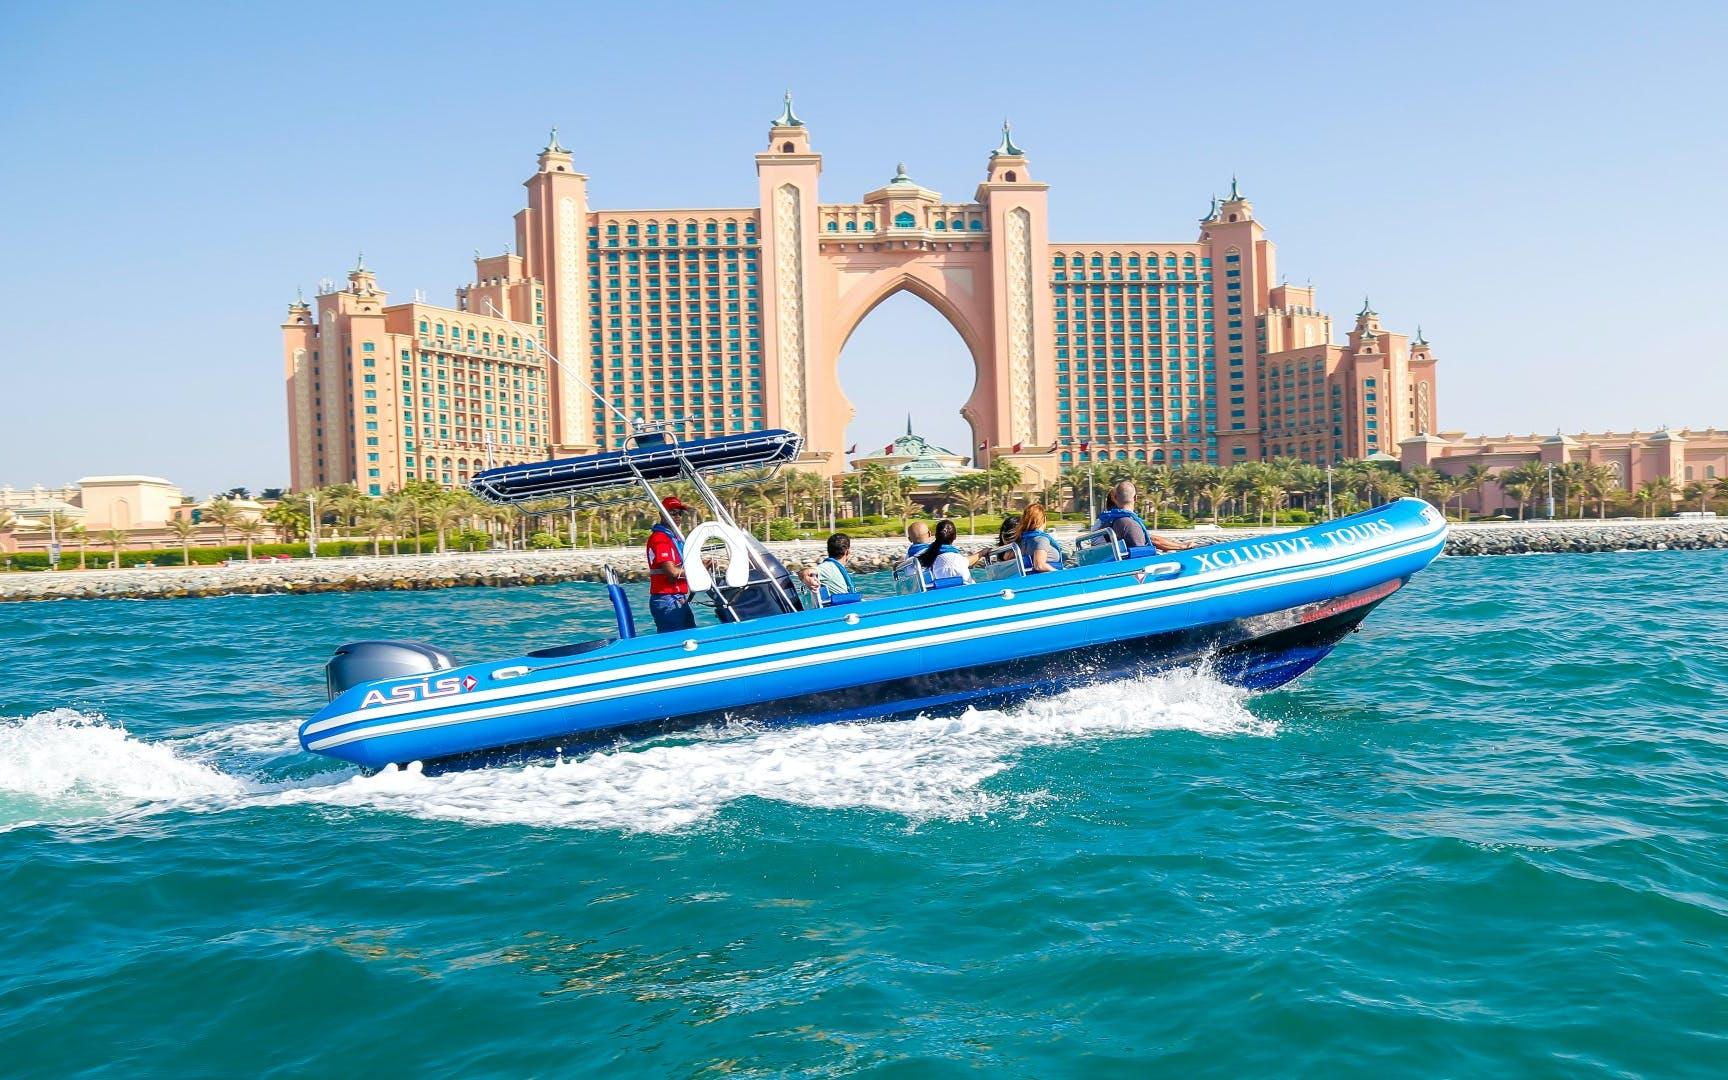 beaches-in-dubai-rib-boat-guided-tour